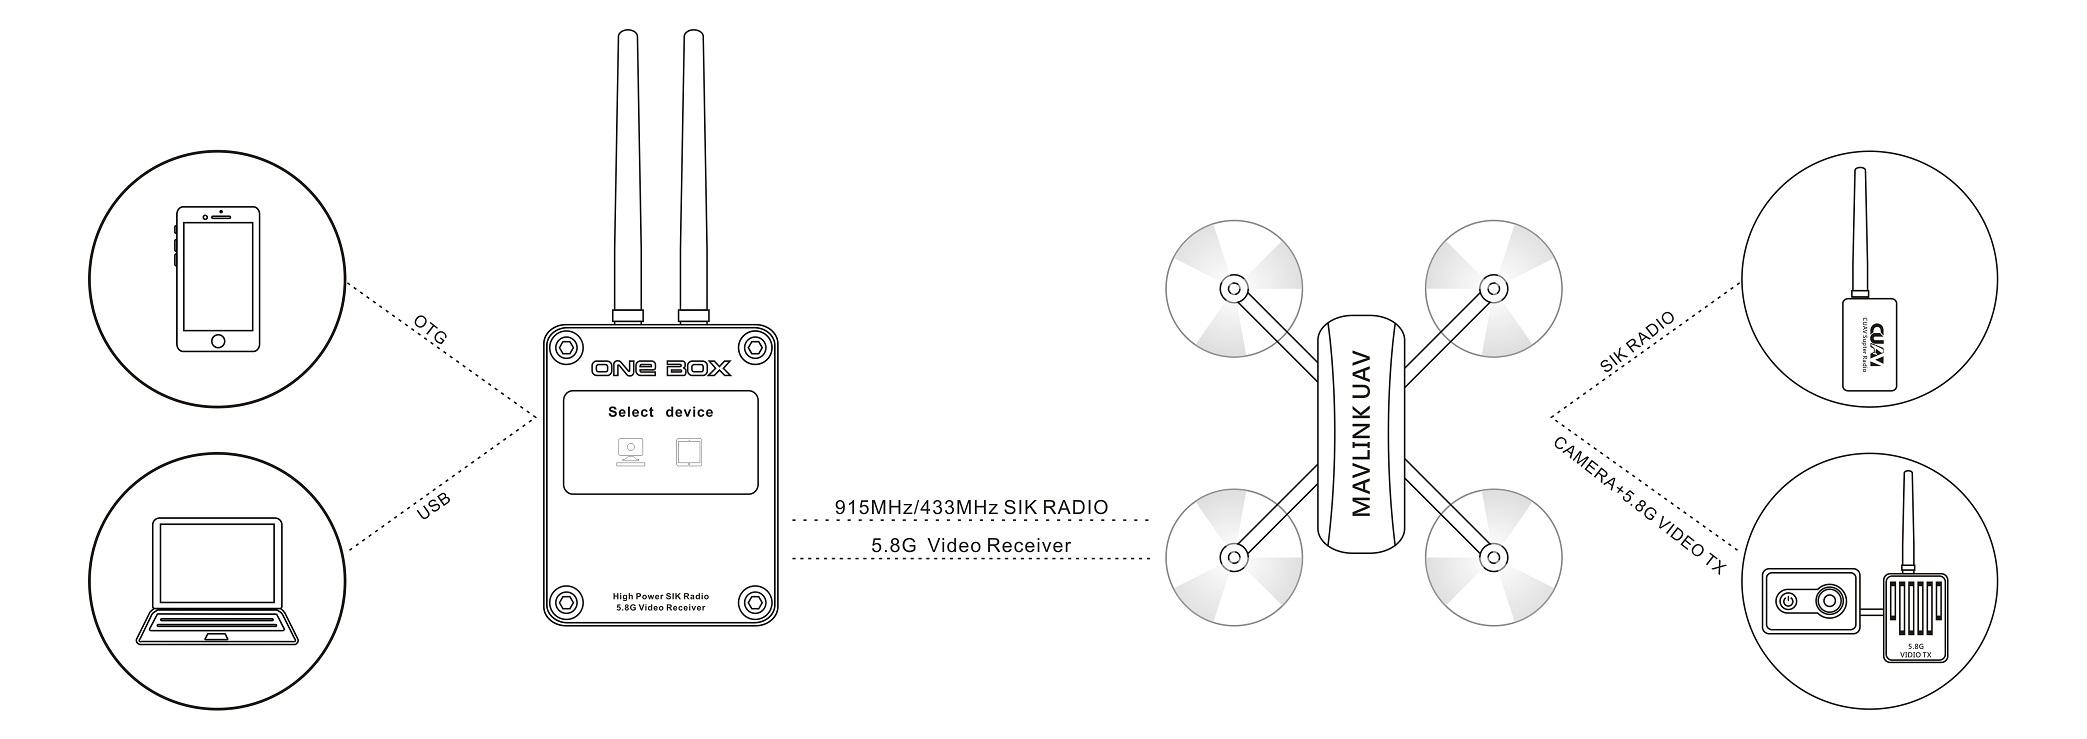 CUAV Integrative Receiver ONE BOX Mavlink 5.8G Figure